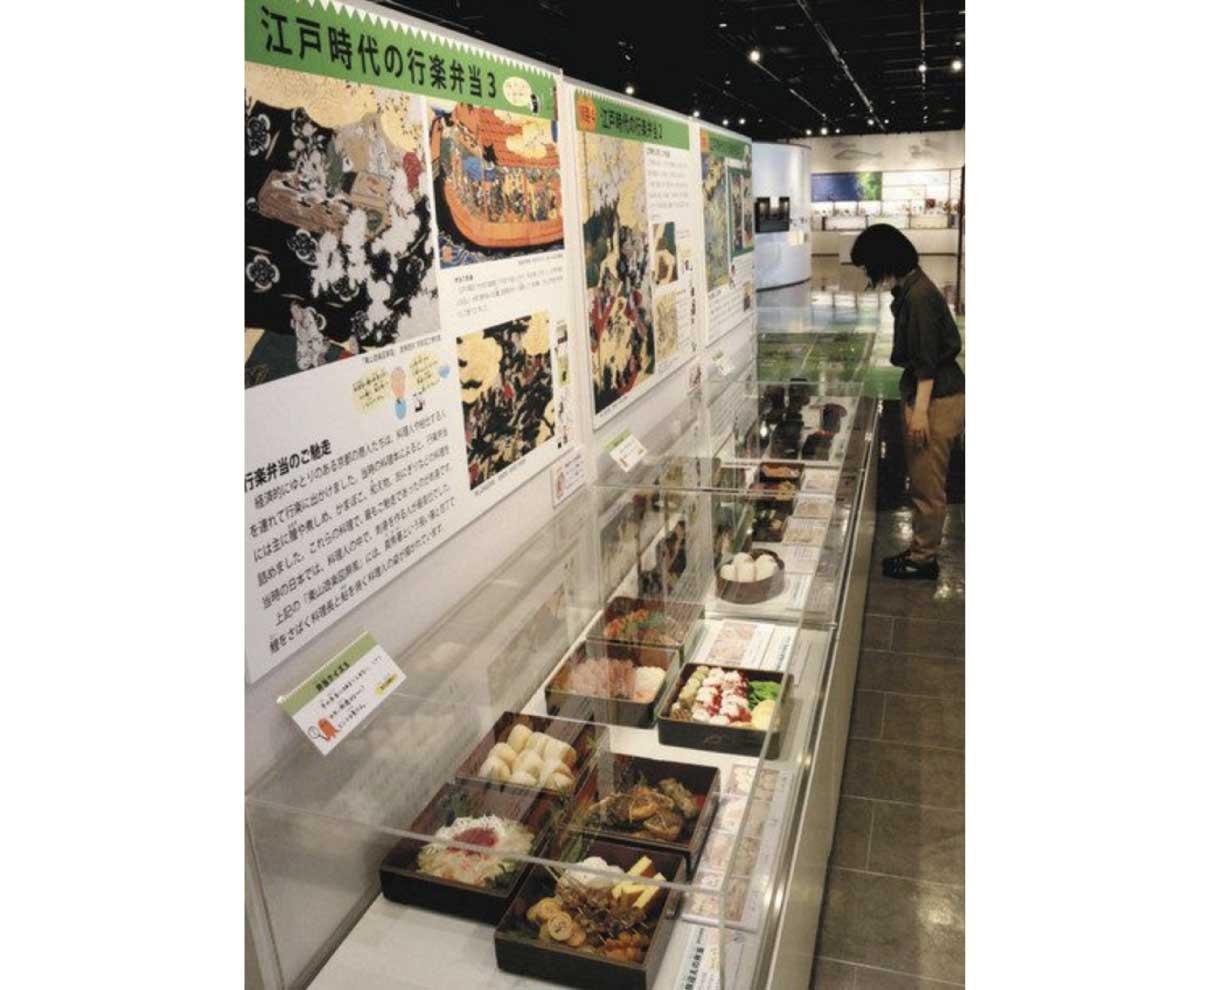 江戸期の箱や料理レプリカ紹介 小浜、弁当の歴史たどる企画展